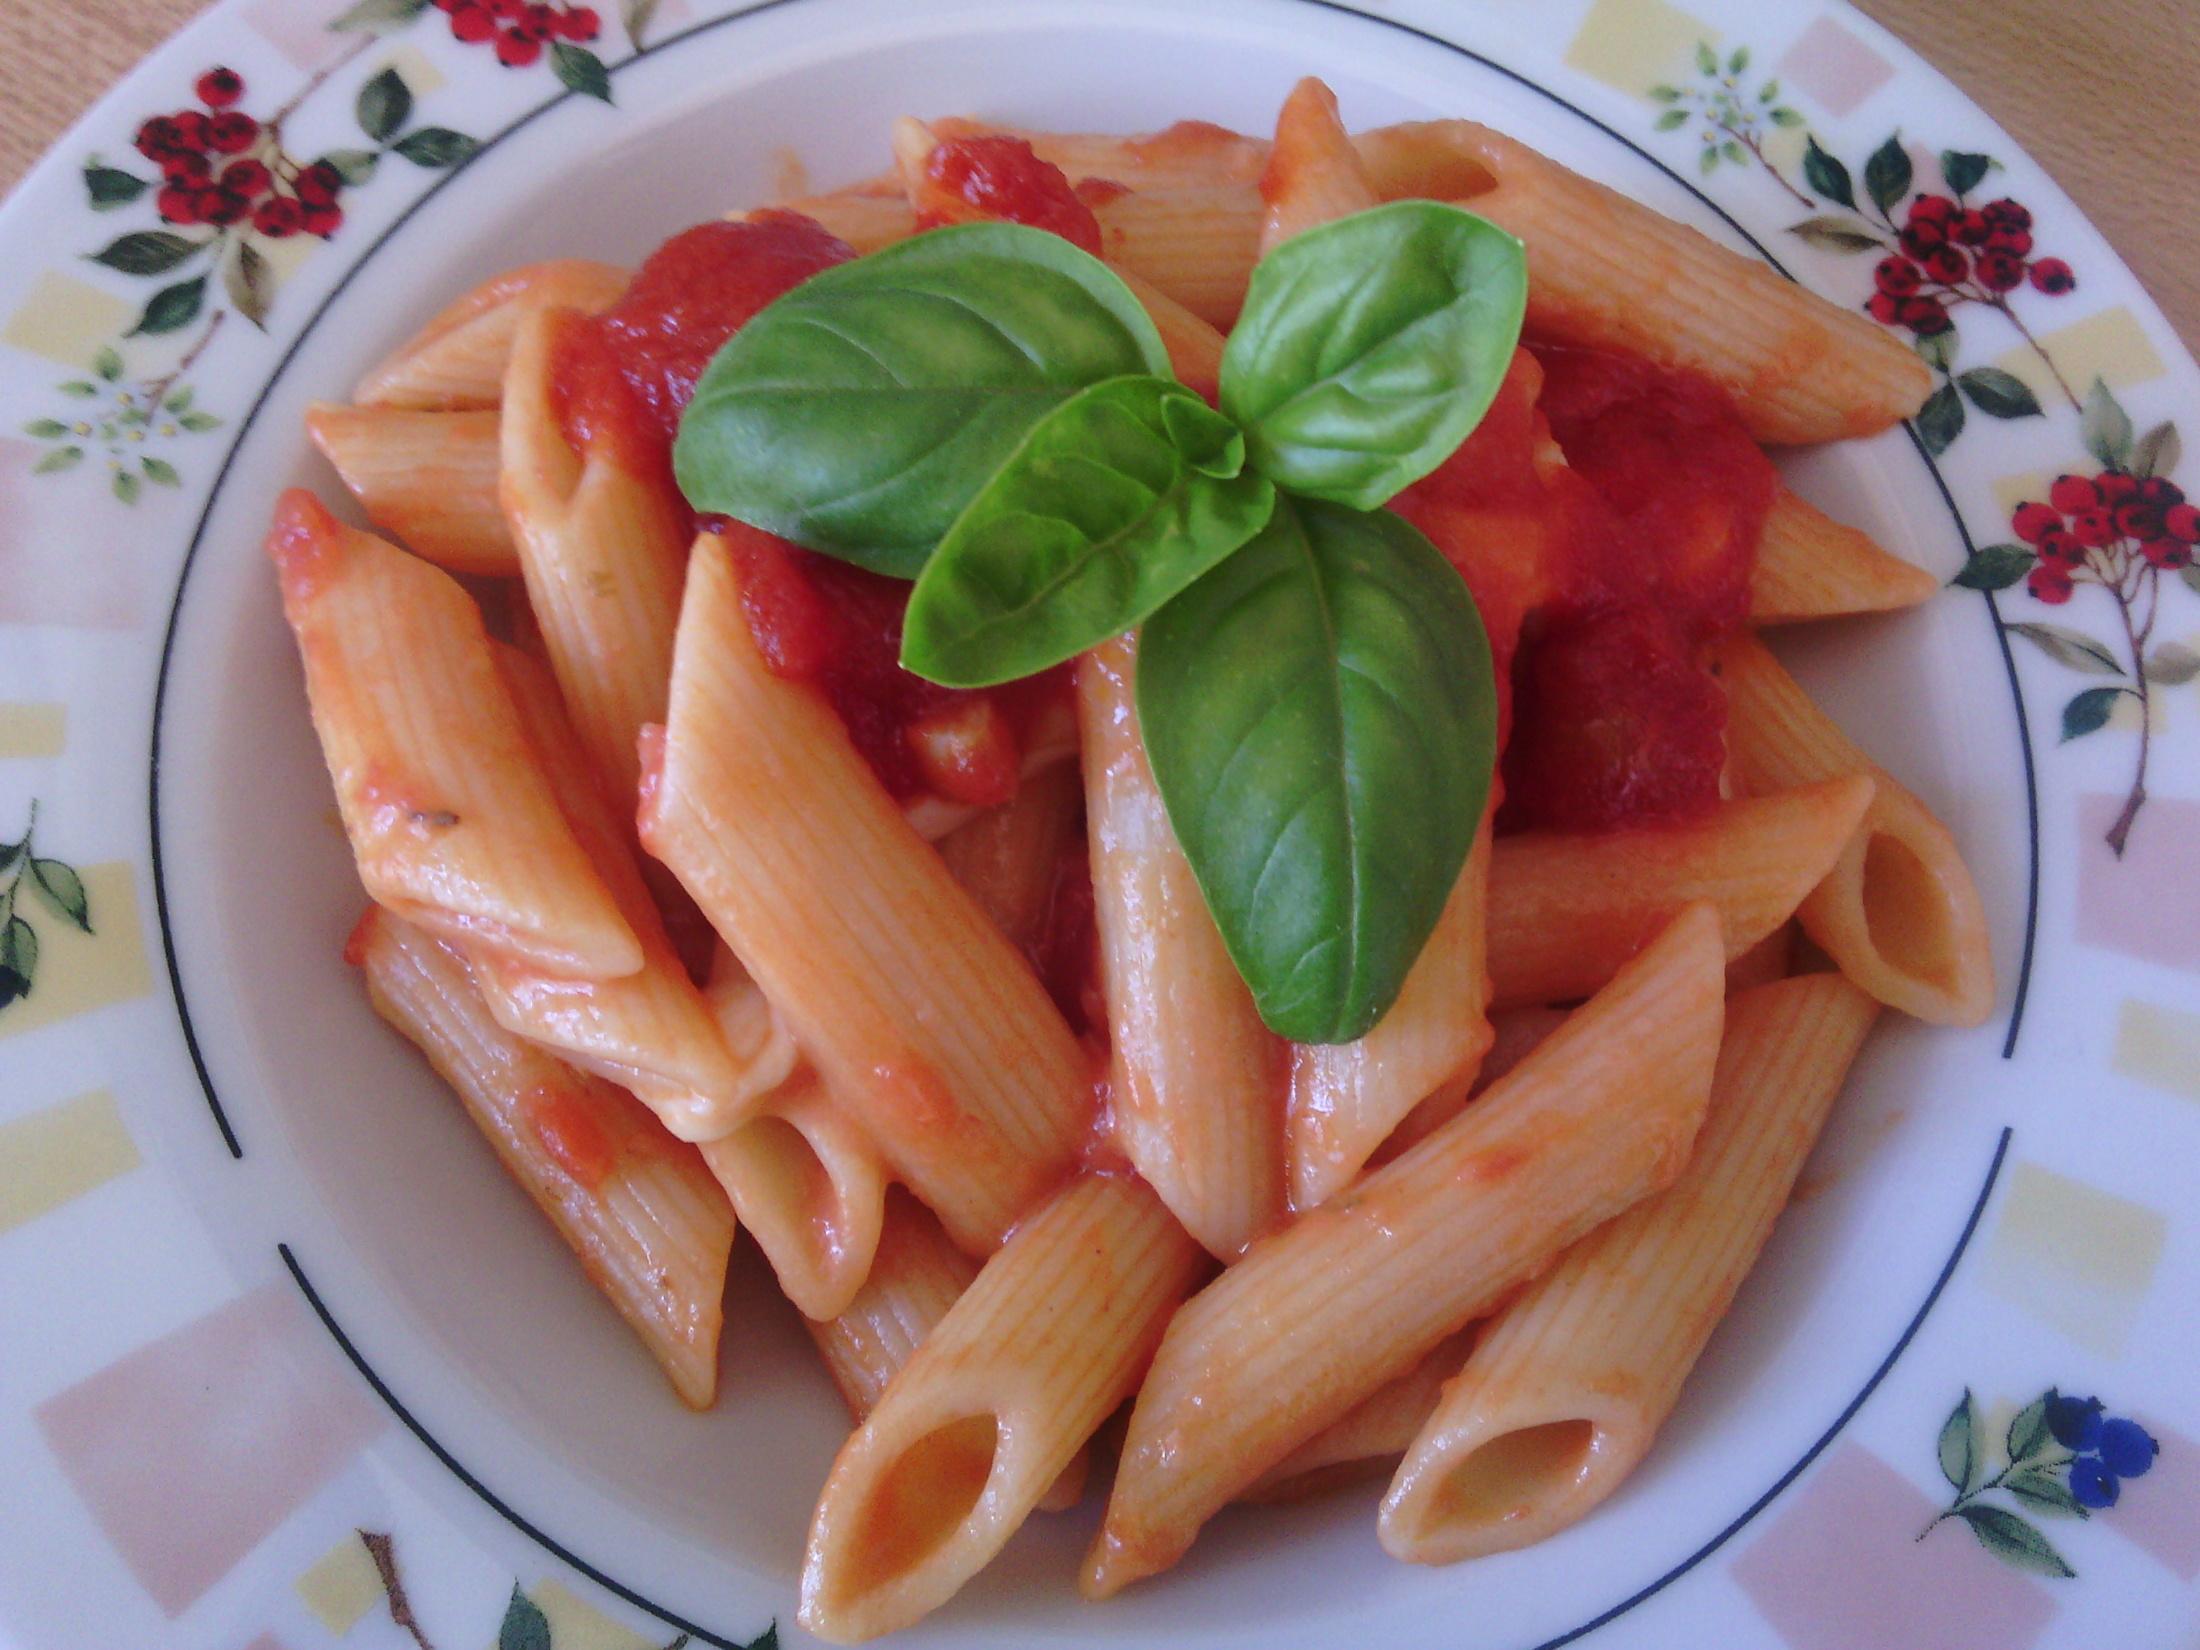 Fotografie receptu: Těstoviny s rajčatovou omáčkou a bylinkami